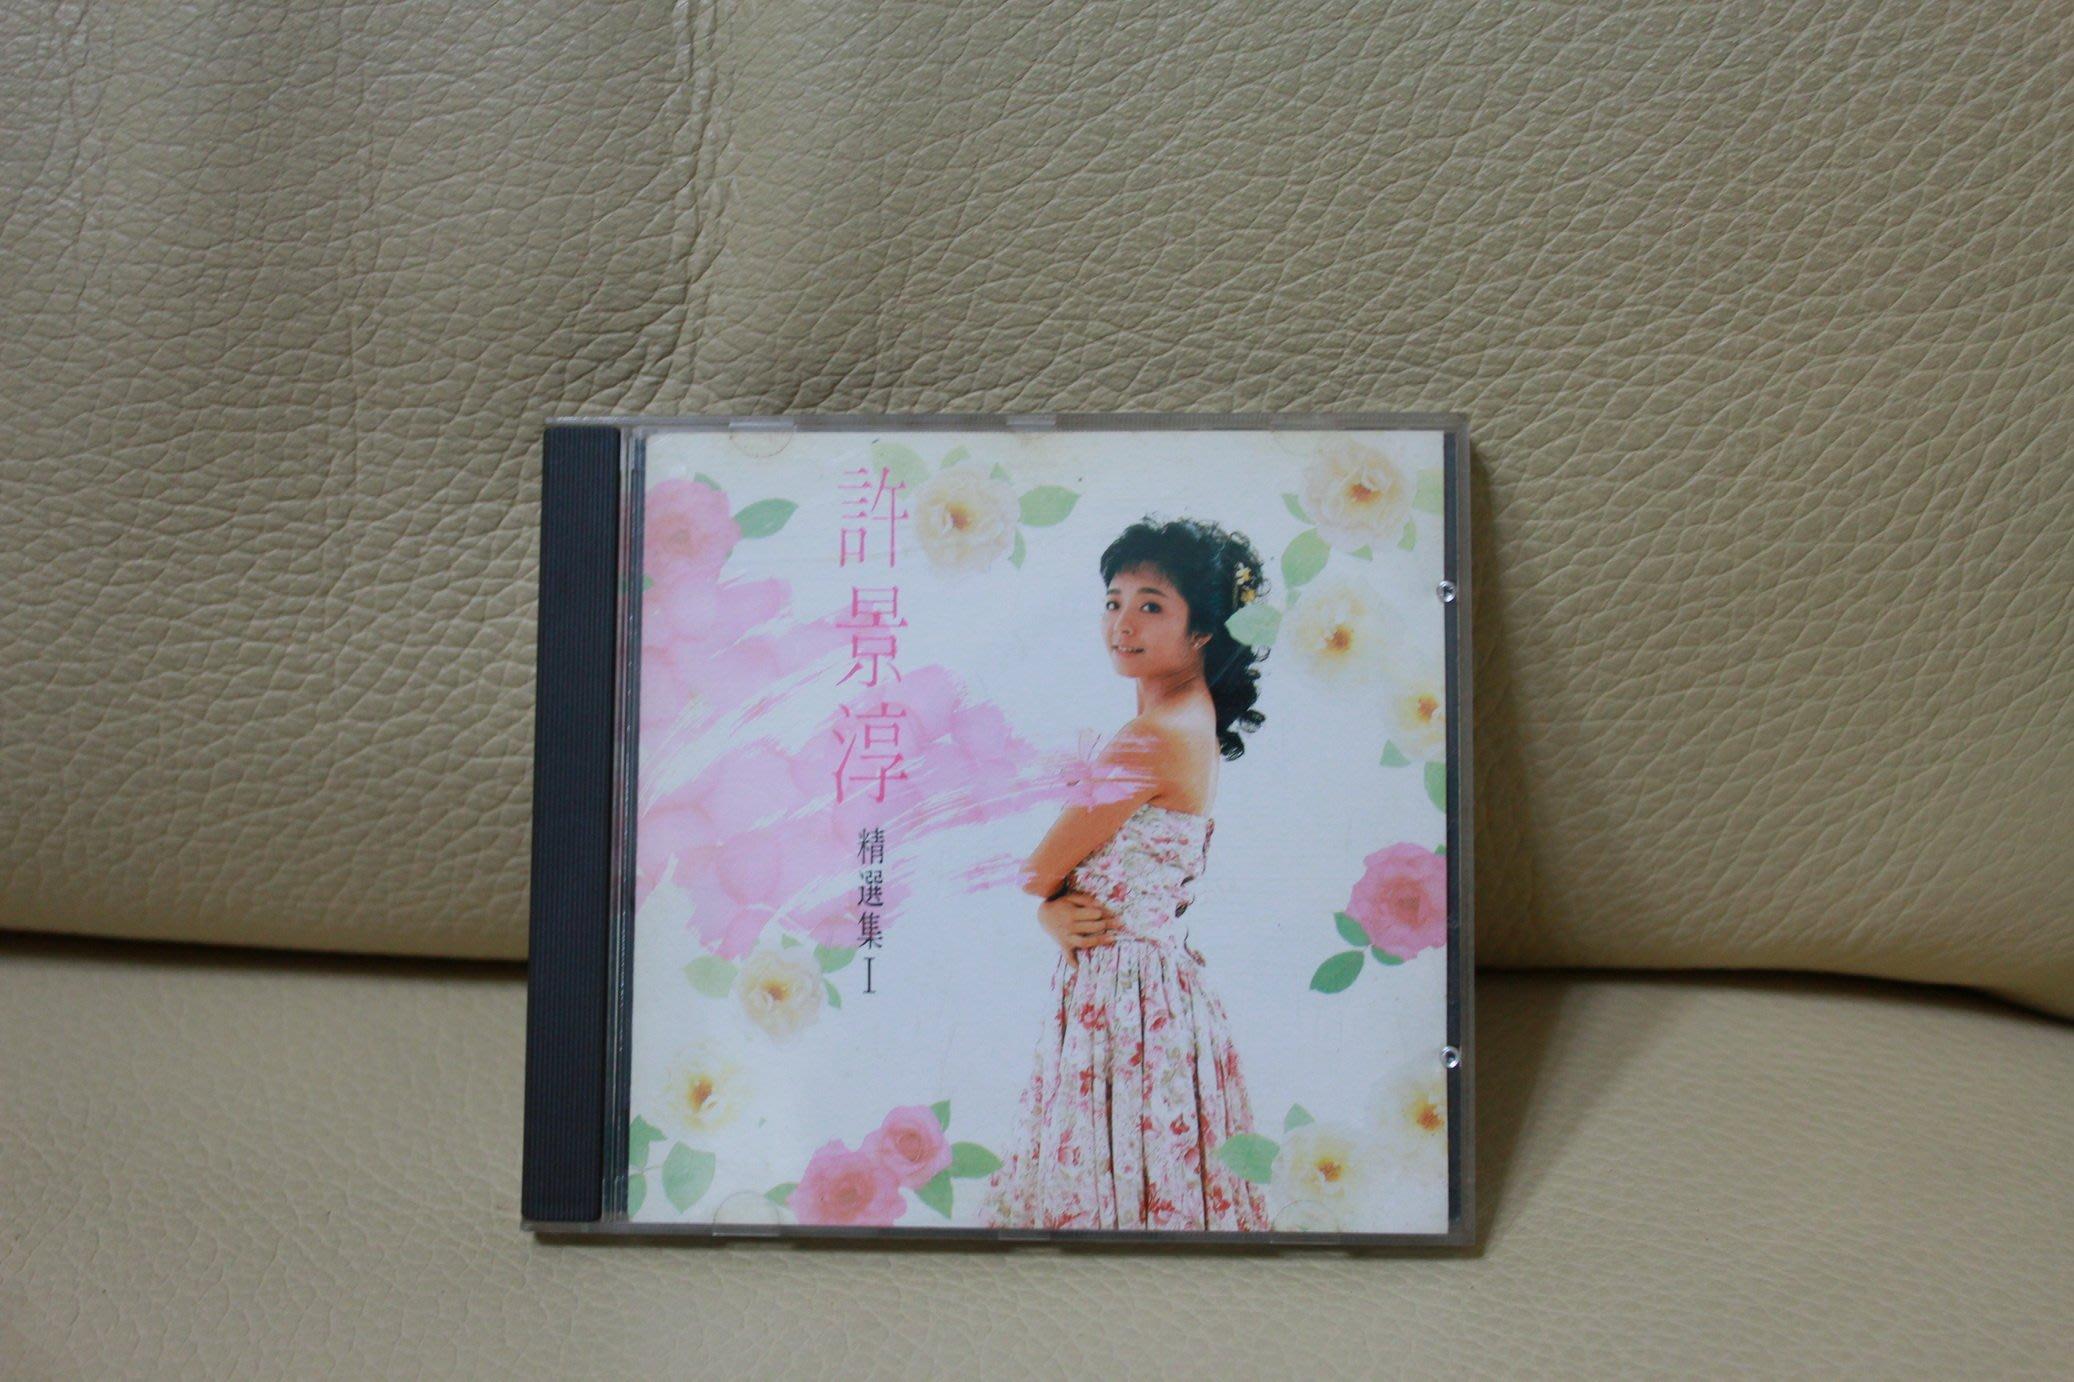 許景淳精選集Ⅰ(日本三洋 SANYO) 二手 CD 專輯 絕版 久放 光碟